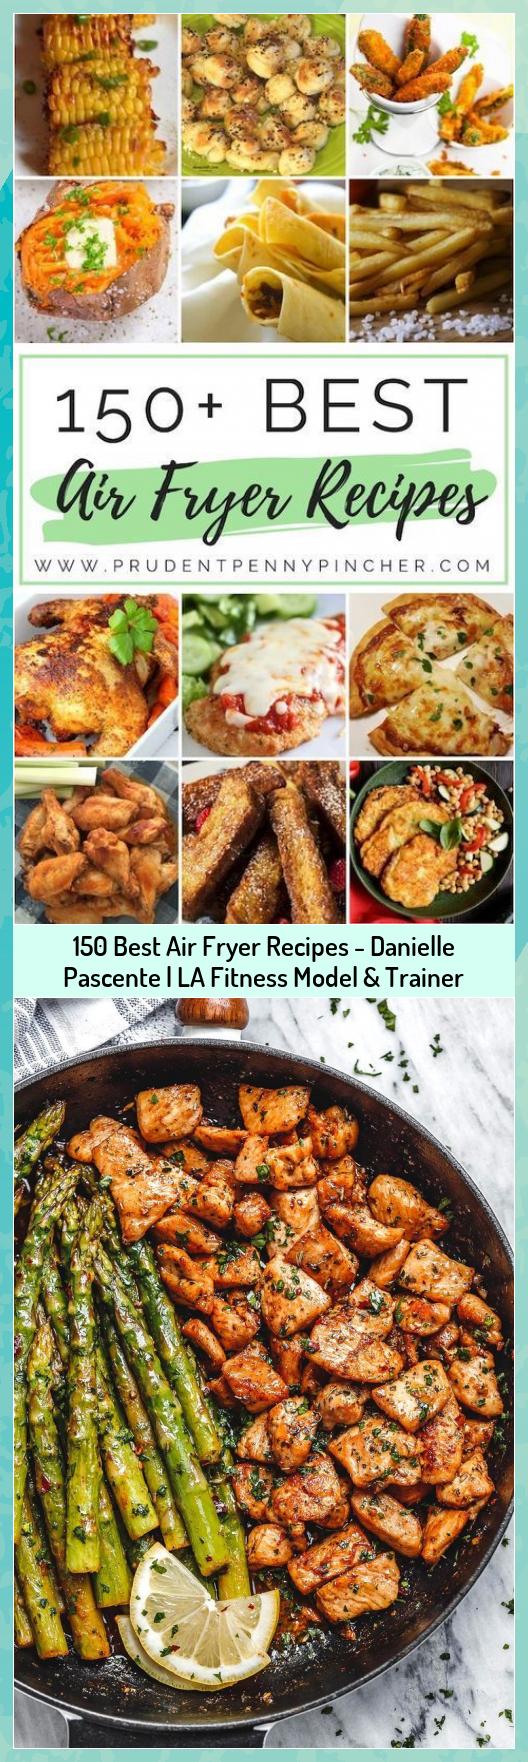 150 Best Air Fryer Recipes - Danielle Pascente | LA Fitness Model & Trainer #Air #Danielle #fitness...